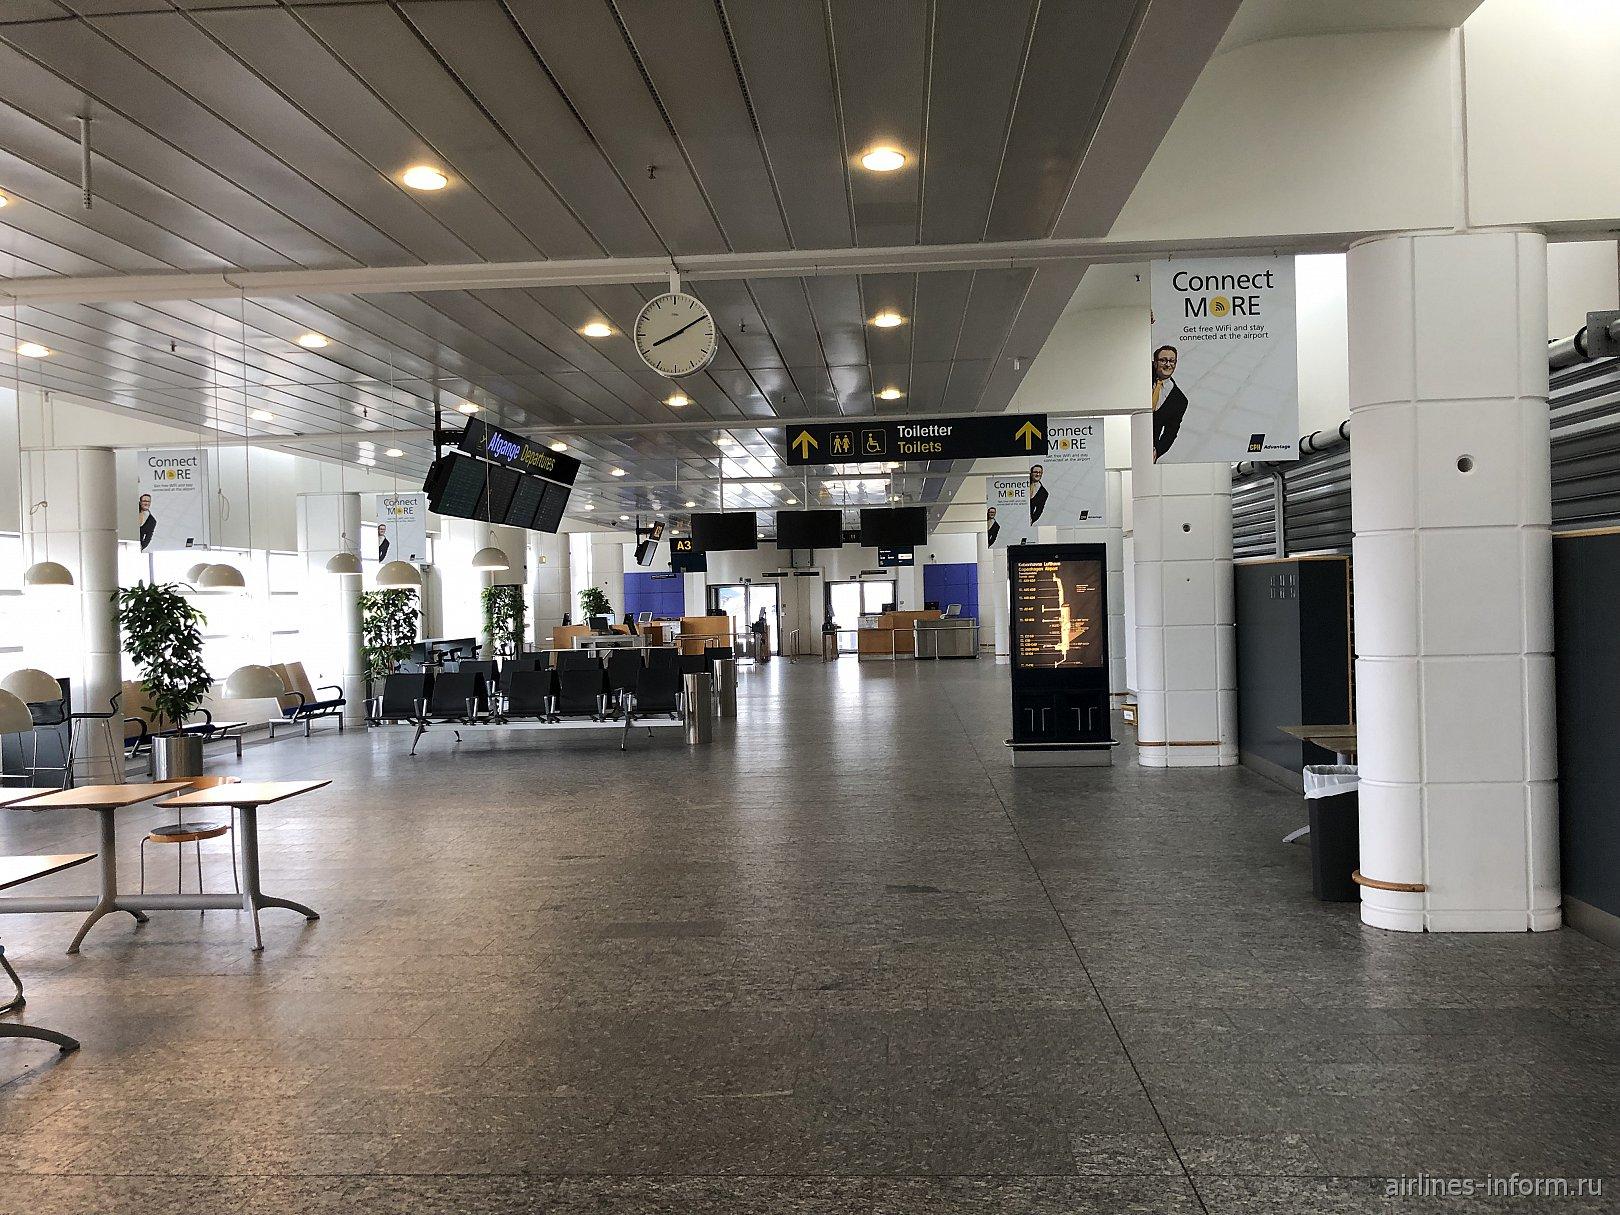 Выход на посадку в зоне А терминала 2 аэропорта Копенгаген Каструп